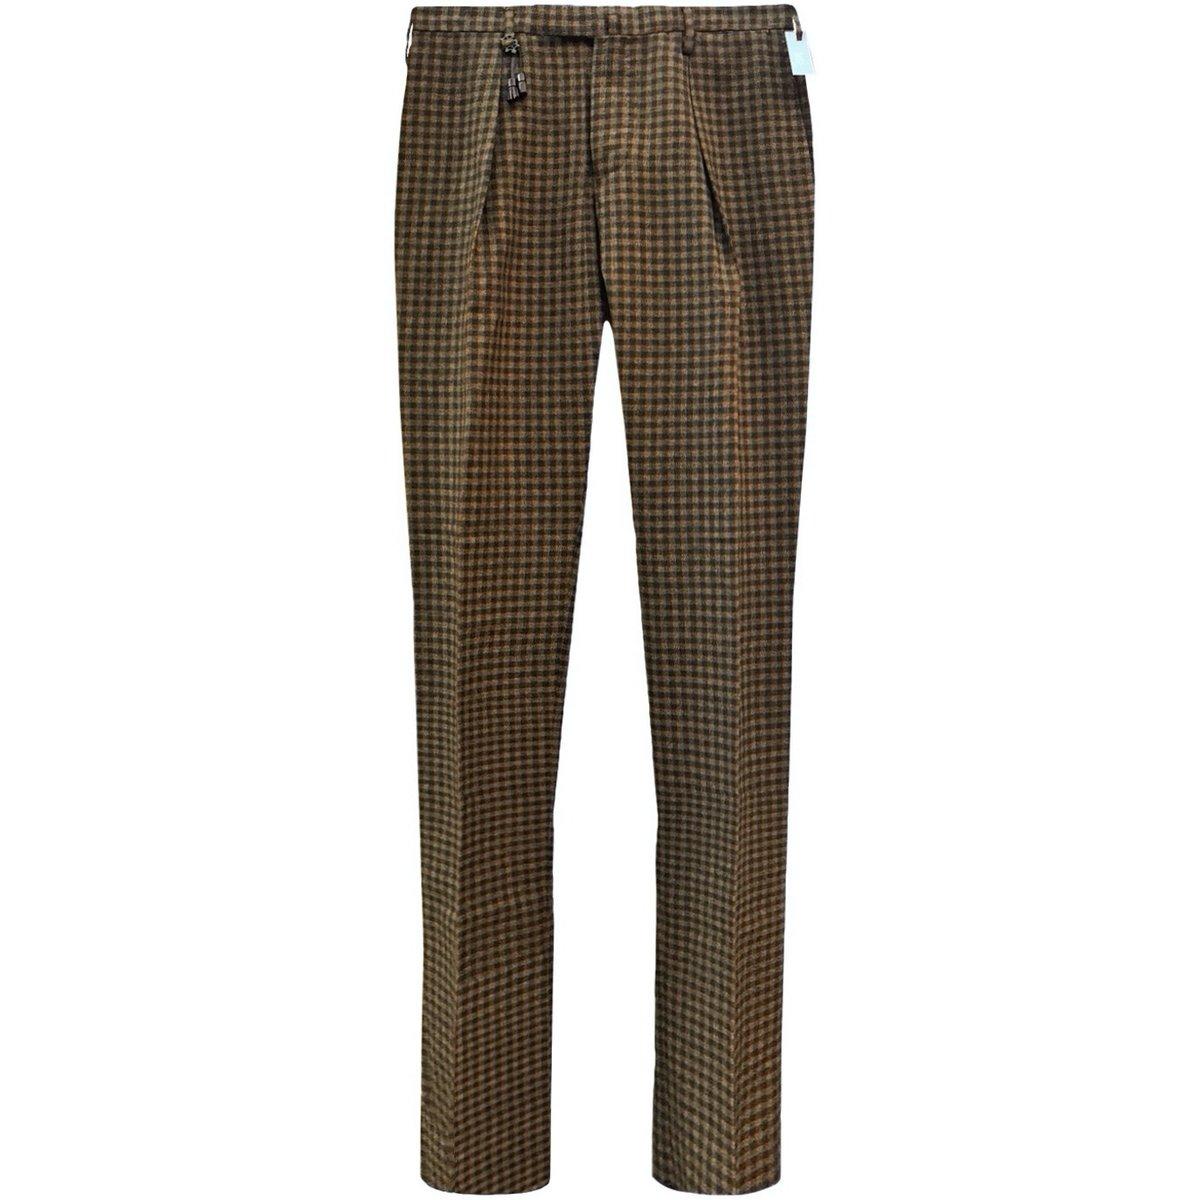 Incotex Slack Slim Fit Brown Check Wool Pants copy.jpg